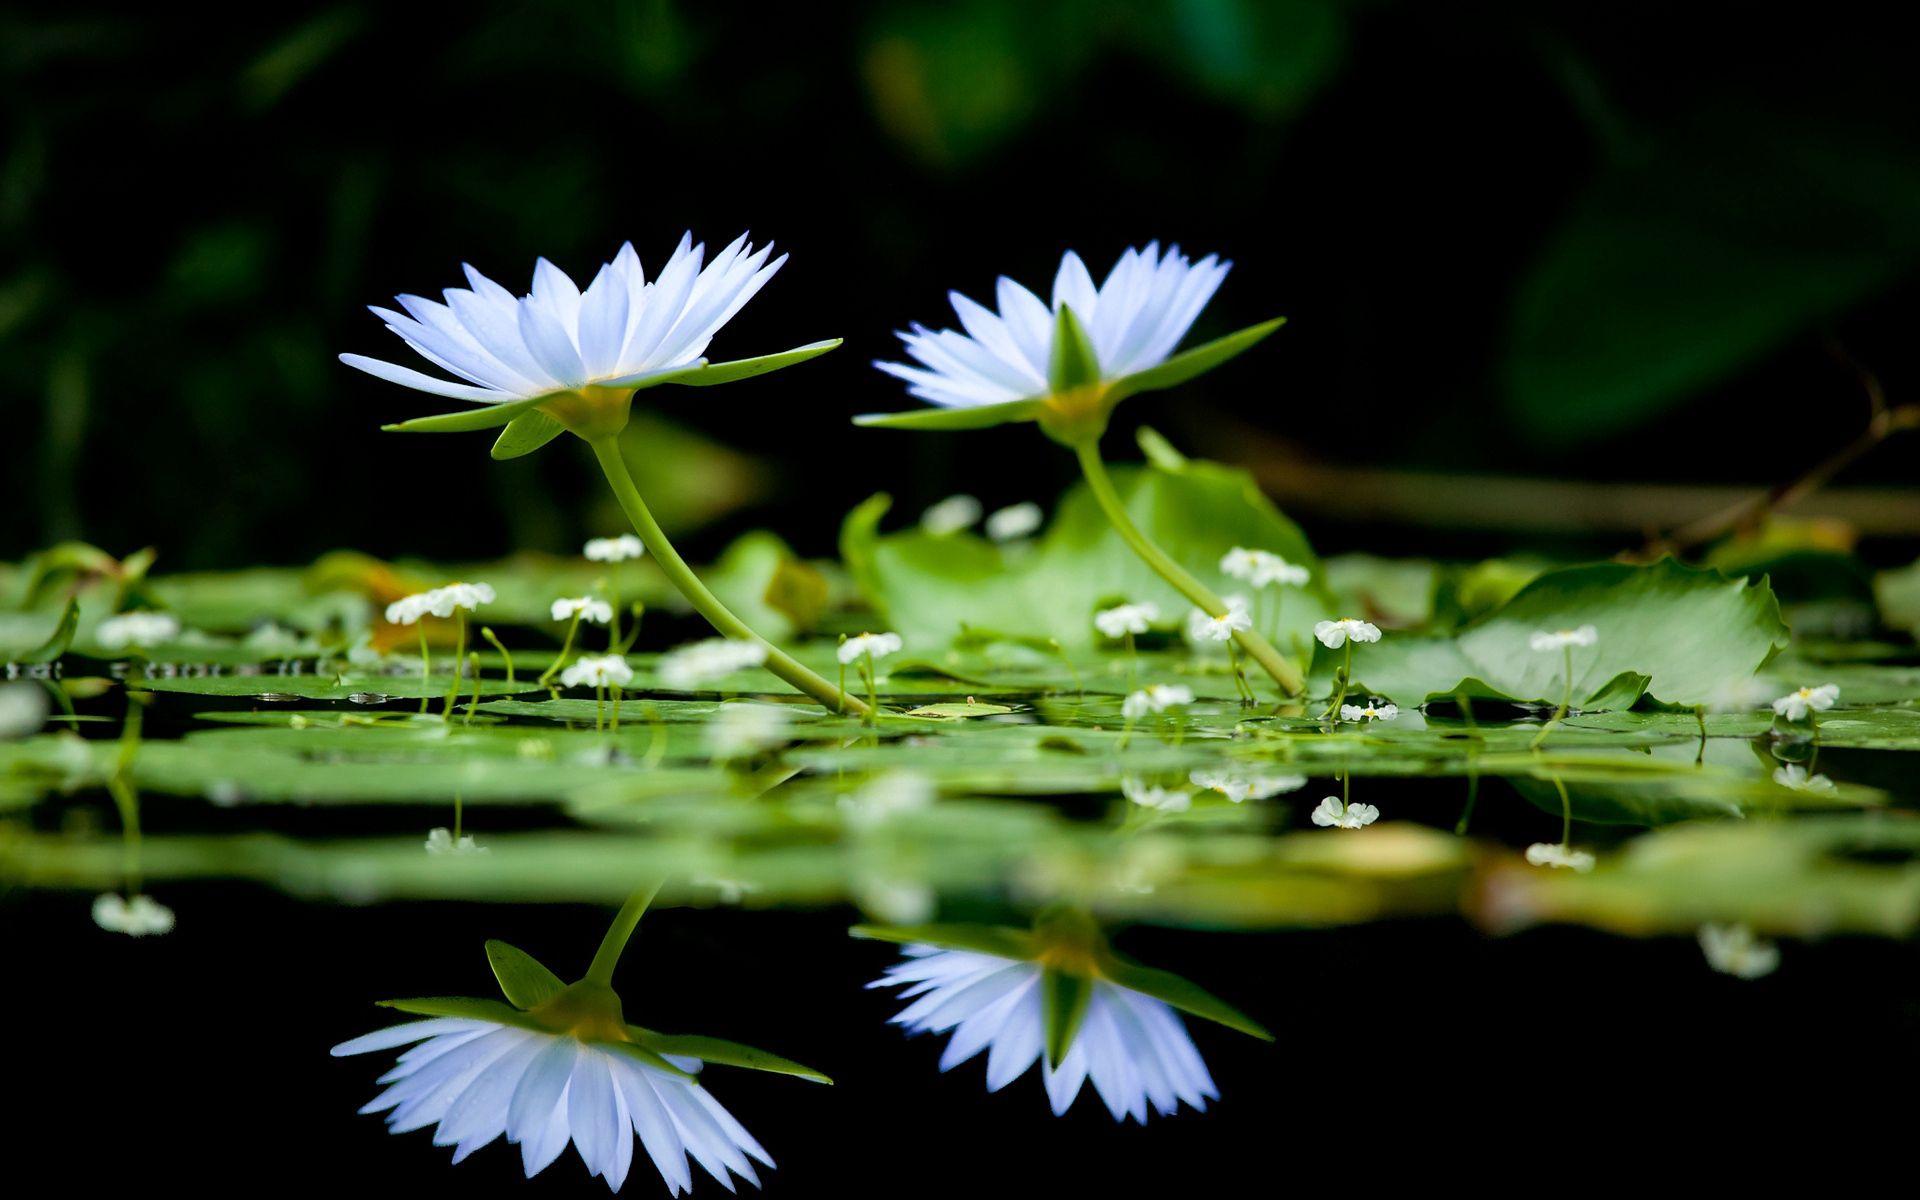 150113 скачать обои Цветы, Зелень, Вода, Гладь, Отражение - заставки и картинки бесплатно